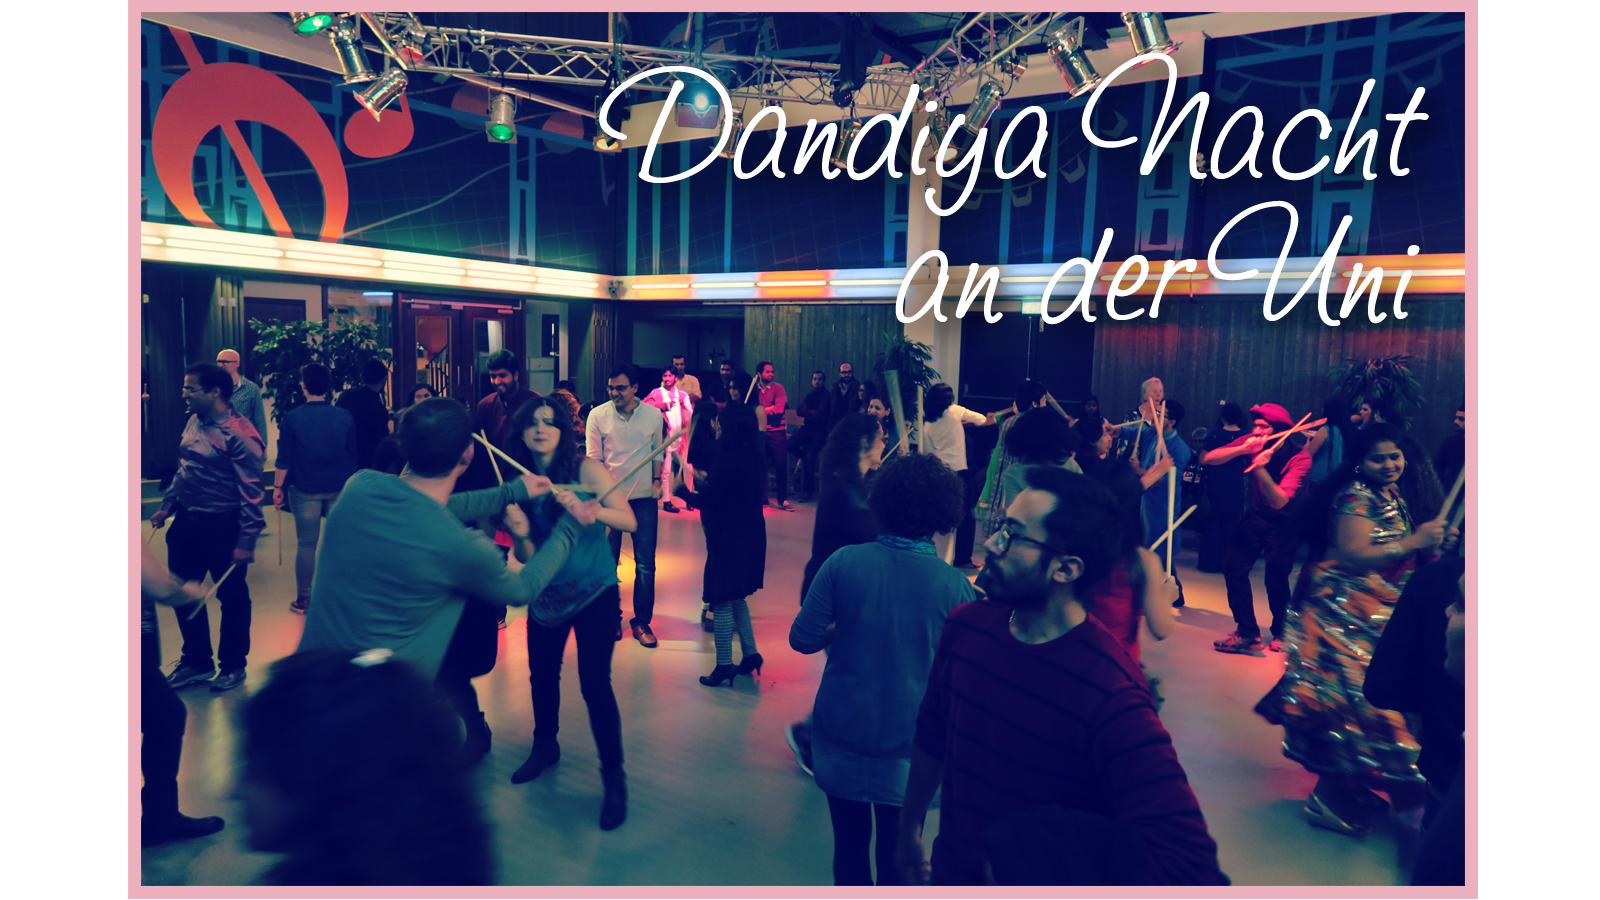 Dandiya Nacht an der Uni Image